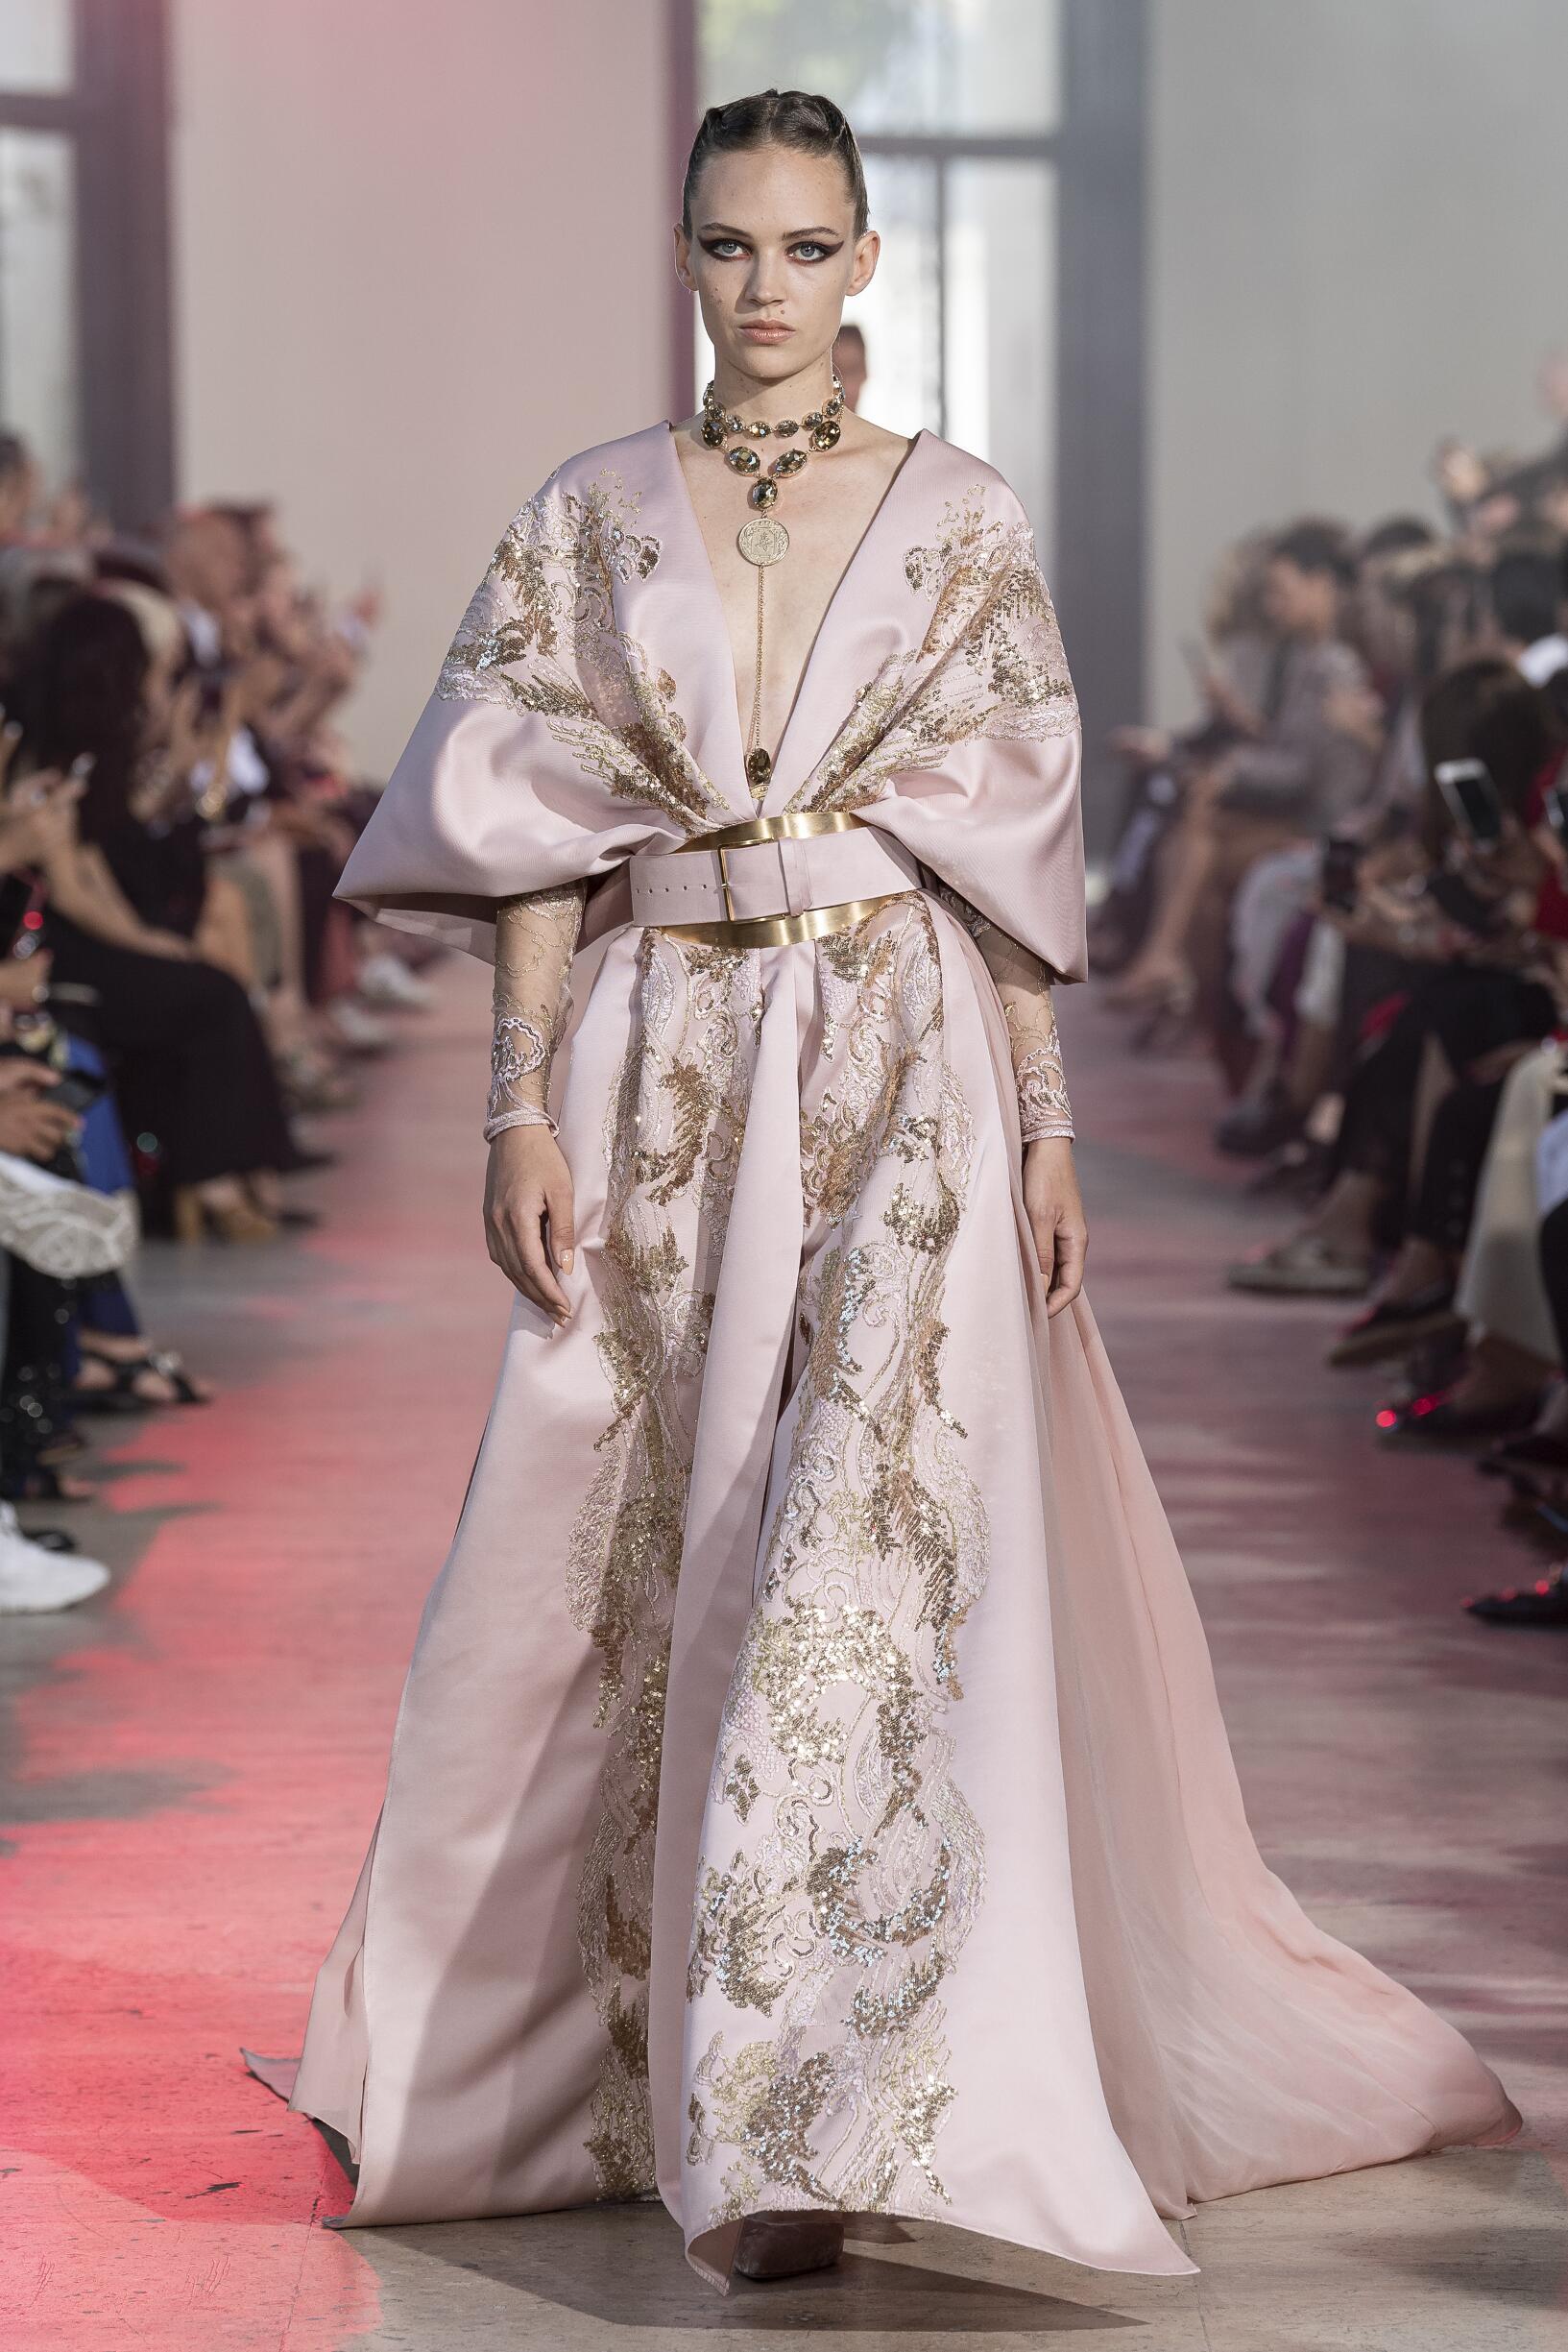 2019 Woman Elie Saab Haute Couture Trends Paris Fashion Week